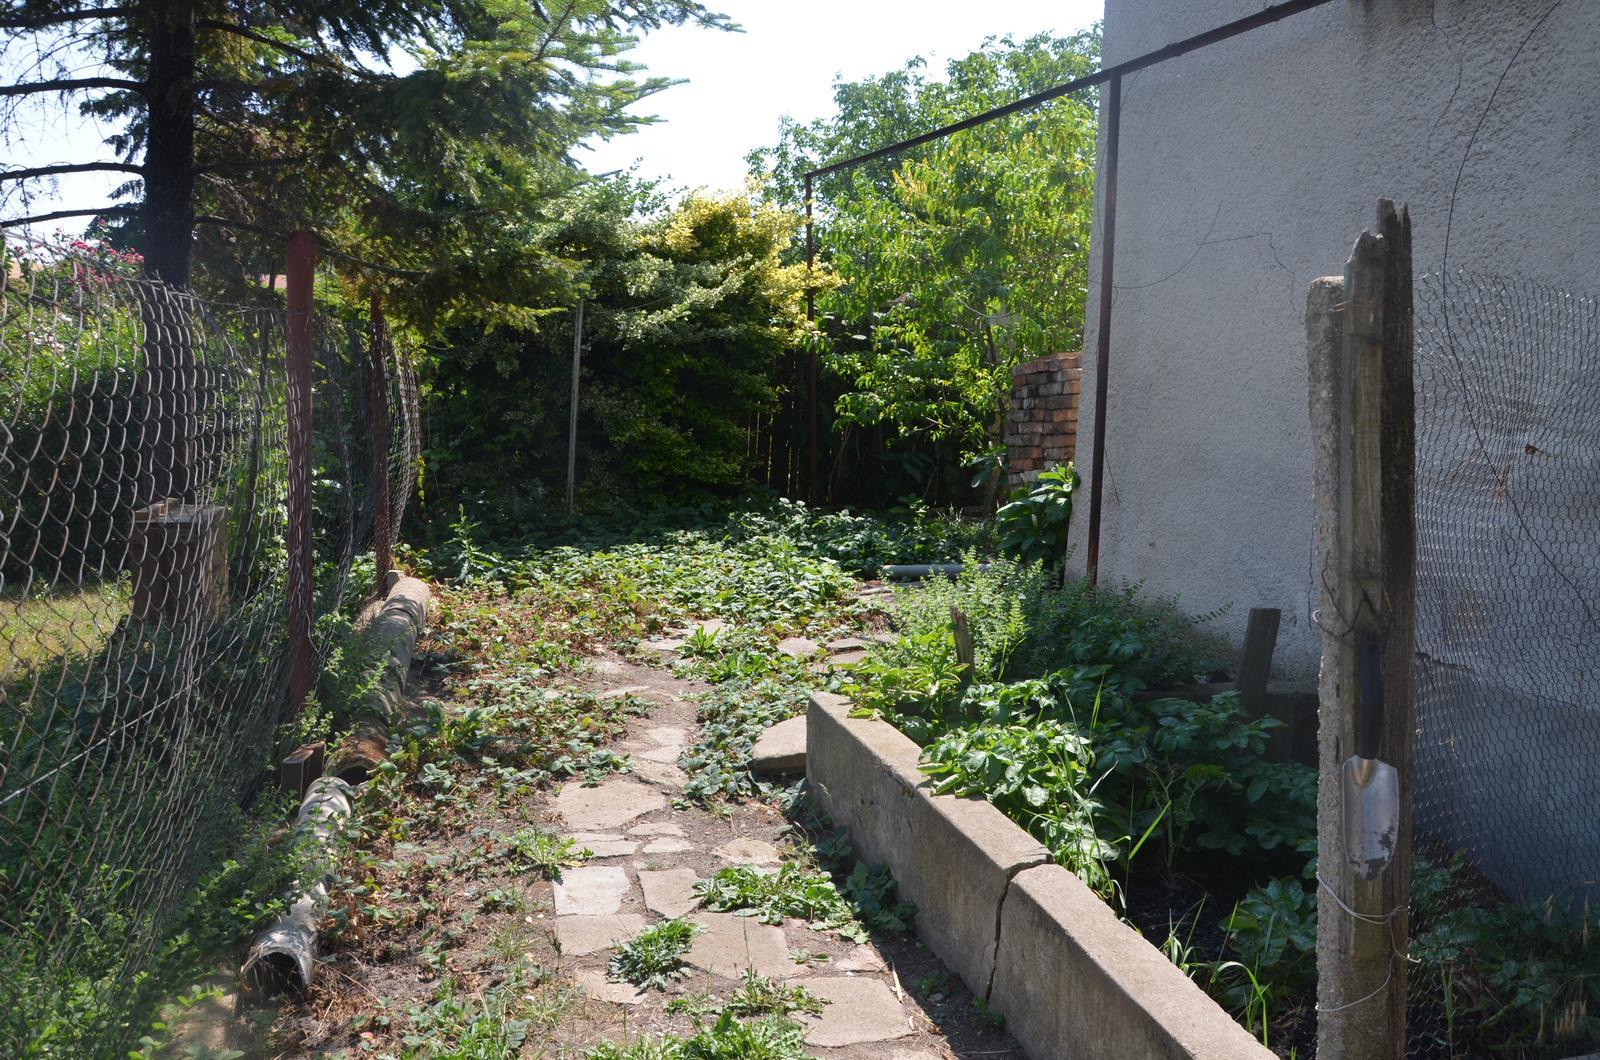 Vysněná zahrada... - jahodiště v červenci...už je rozhodnuto, jahody půjdou pryč, za vinohradem už čeká nový jahodový záhon :-) Co dát sem??? nějaké tipy? vinný sklep cloní z jihu